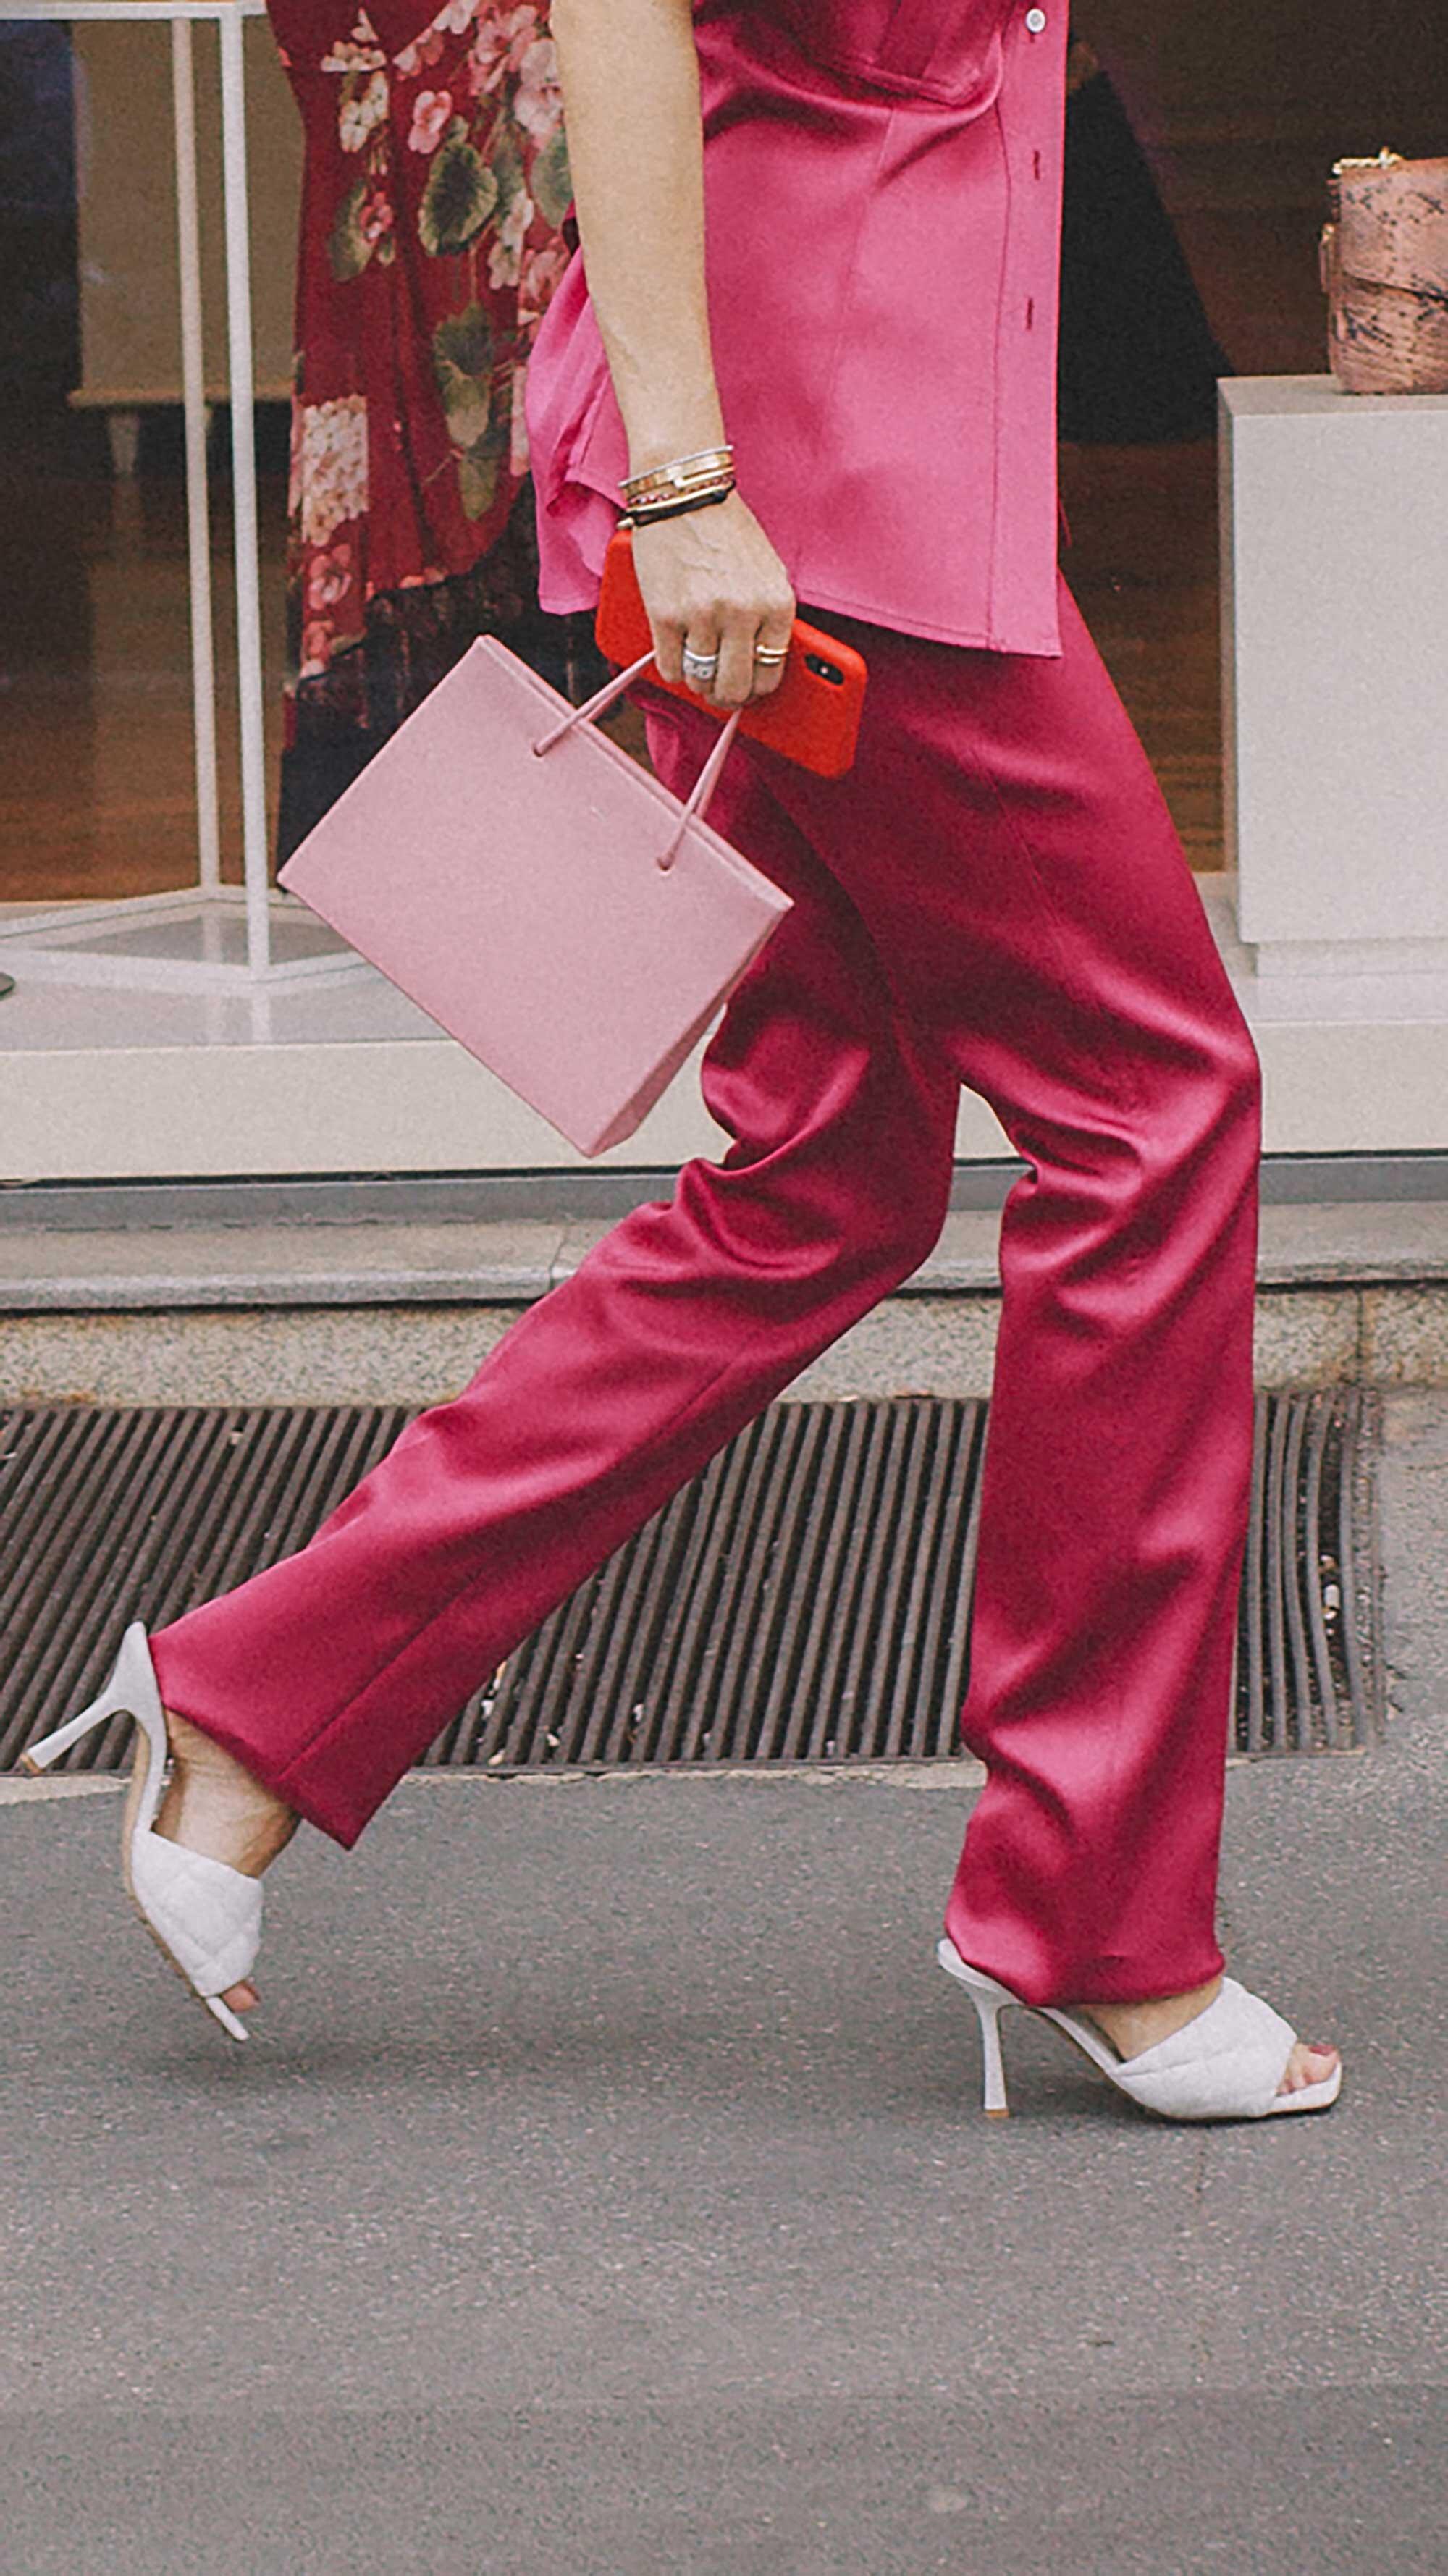 Best outfits of Milan Fashion Week street style 2019 Day One MFW SS20 Photo by @J2martinez Jose J. Martinez www.jmrtnz.com -20.jpg